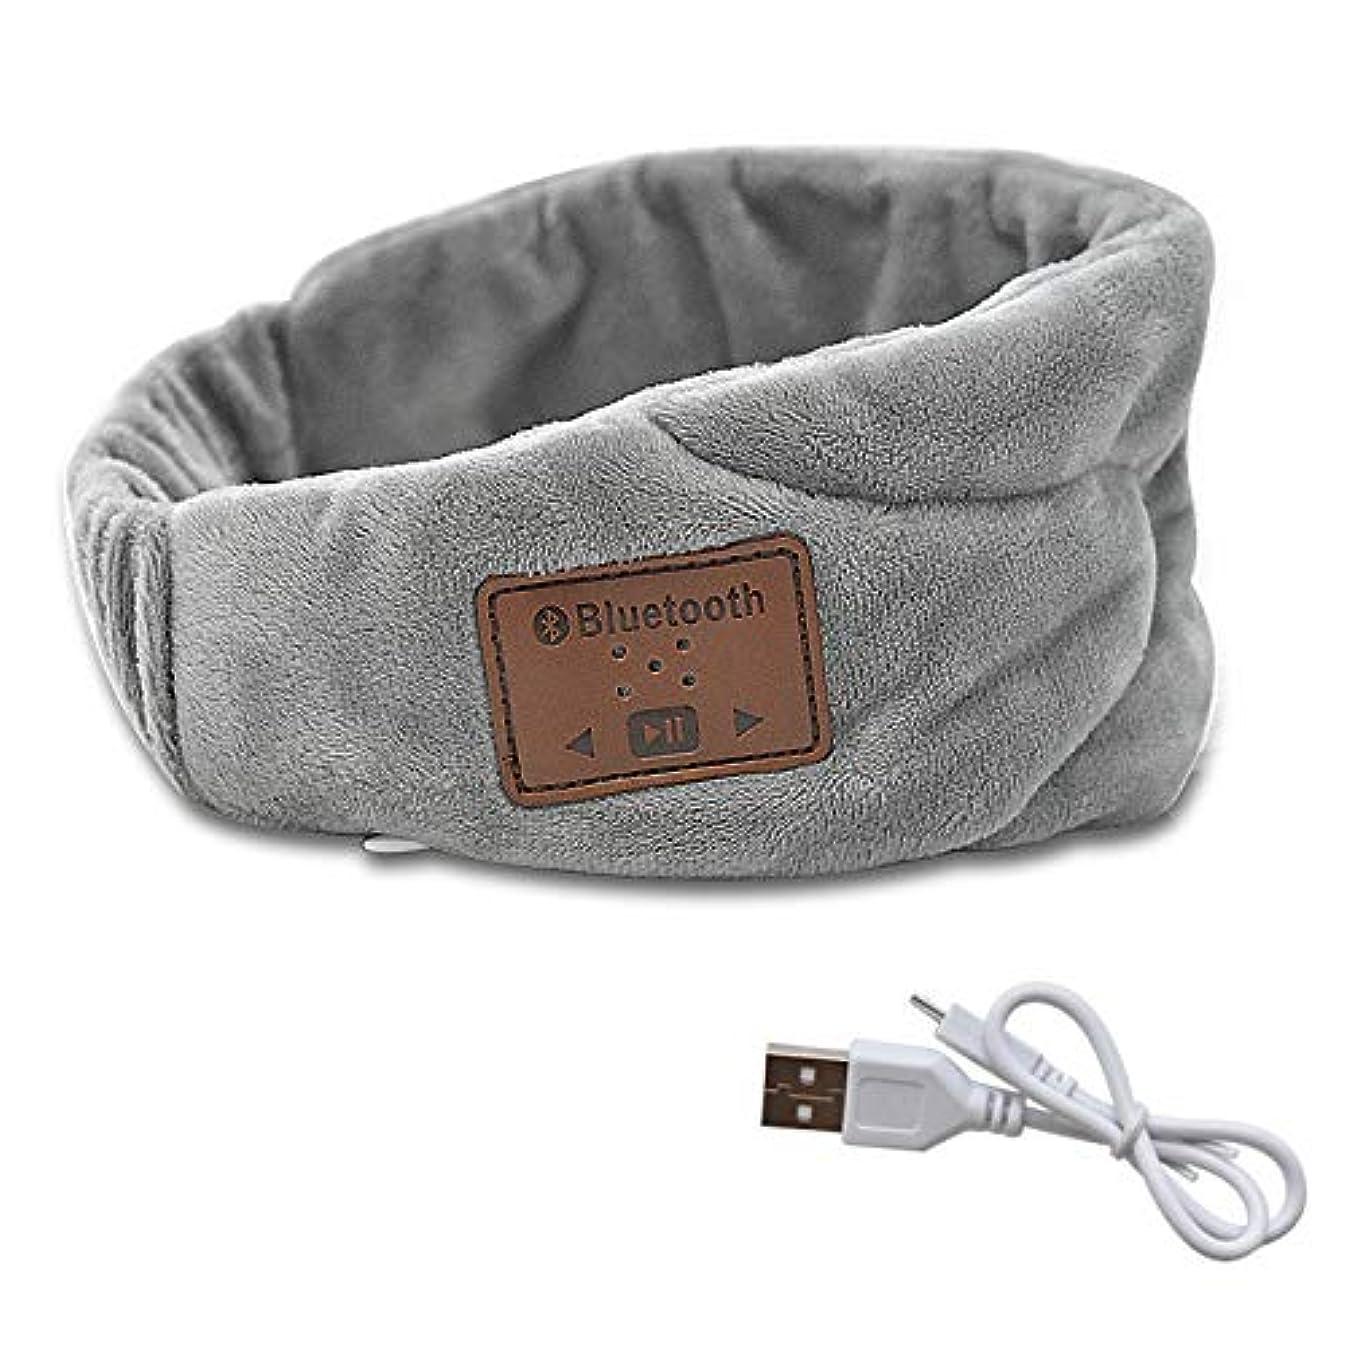 ヤギラテンスチュワーデスNOTE 音楽睡眠休息アイマスクソフトパッドシェードカバー旅行リラックス援助目隠しオフィス屋外睡眠アイシェード包帯アイパッチ